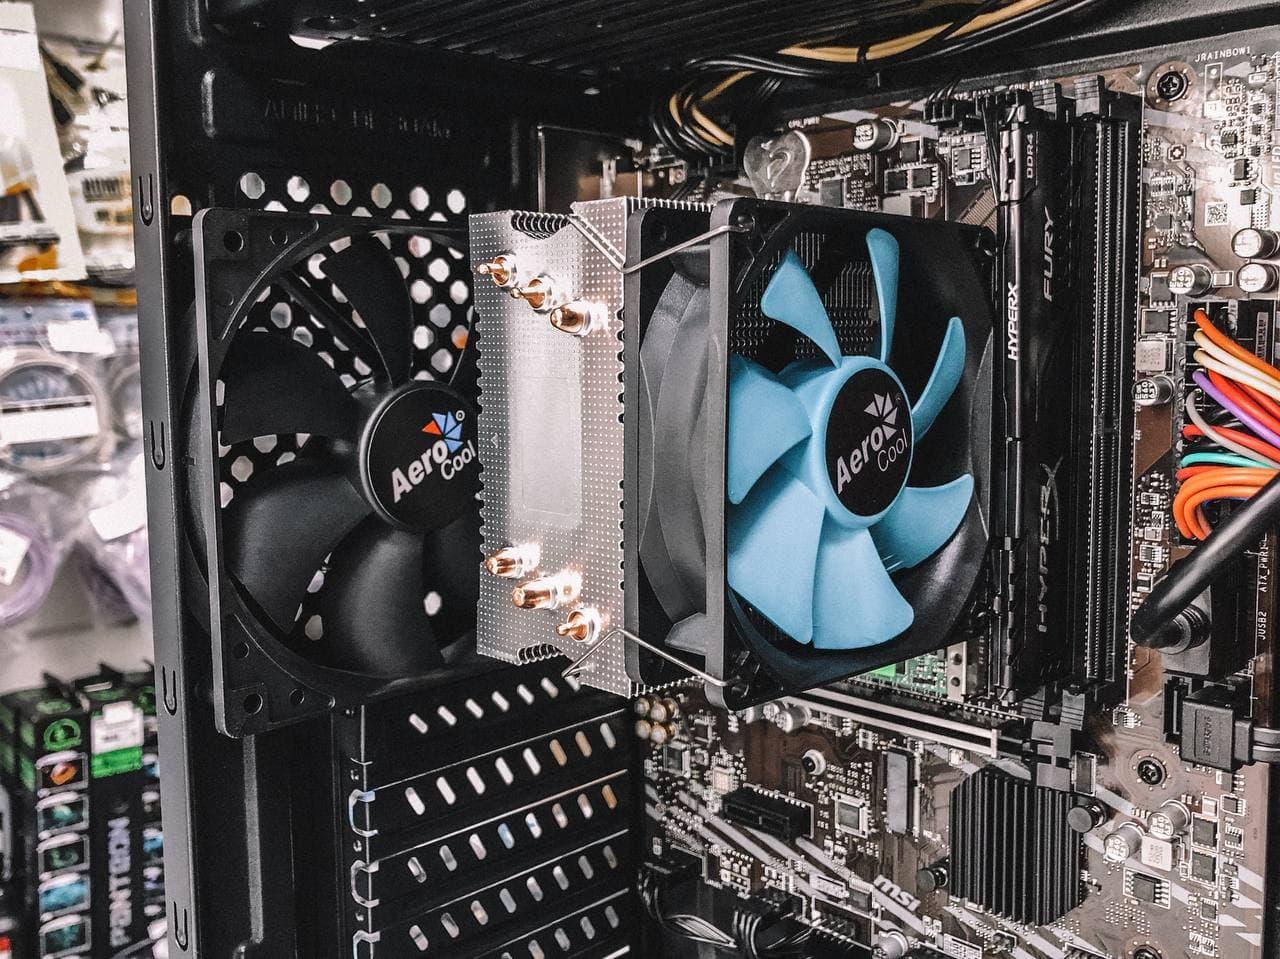 картинка Системный блок Status Home Core i7 Intel от магазина Одежда+